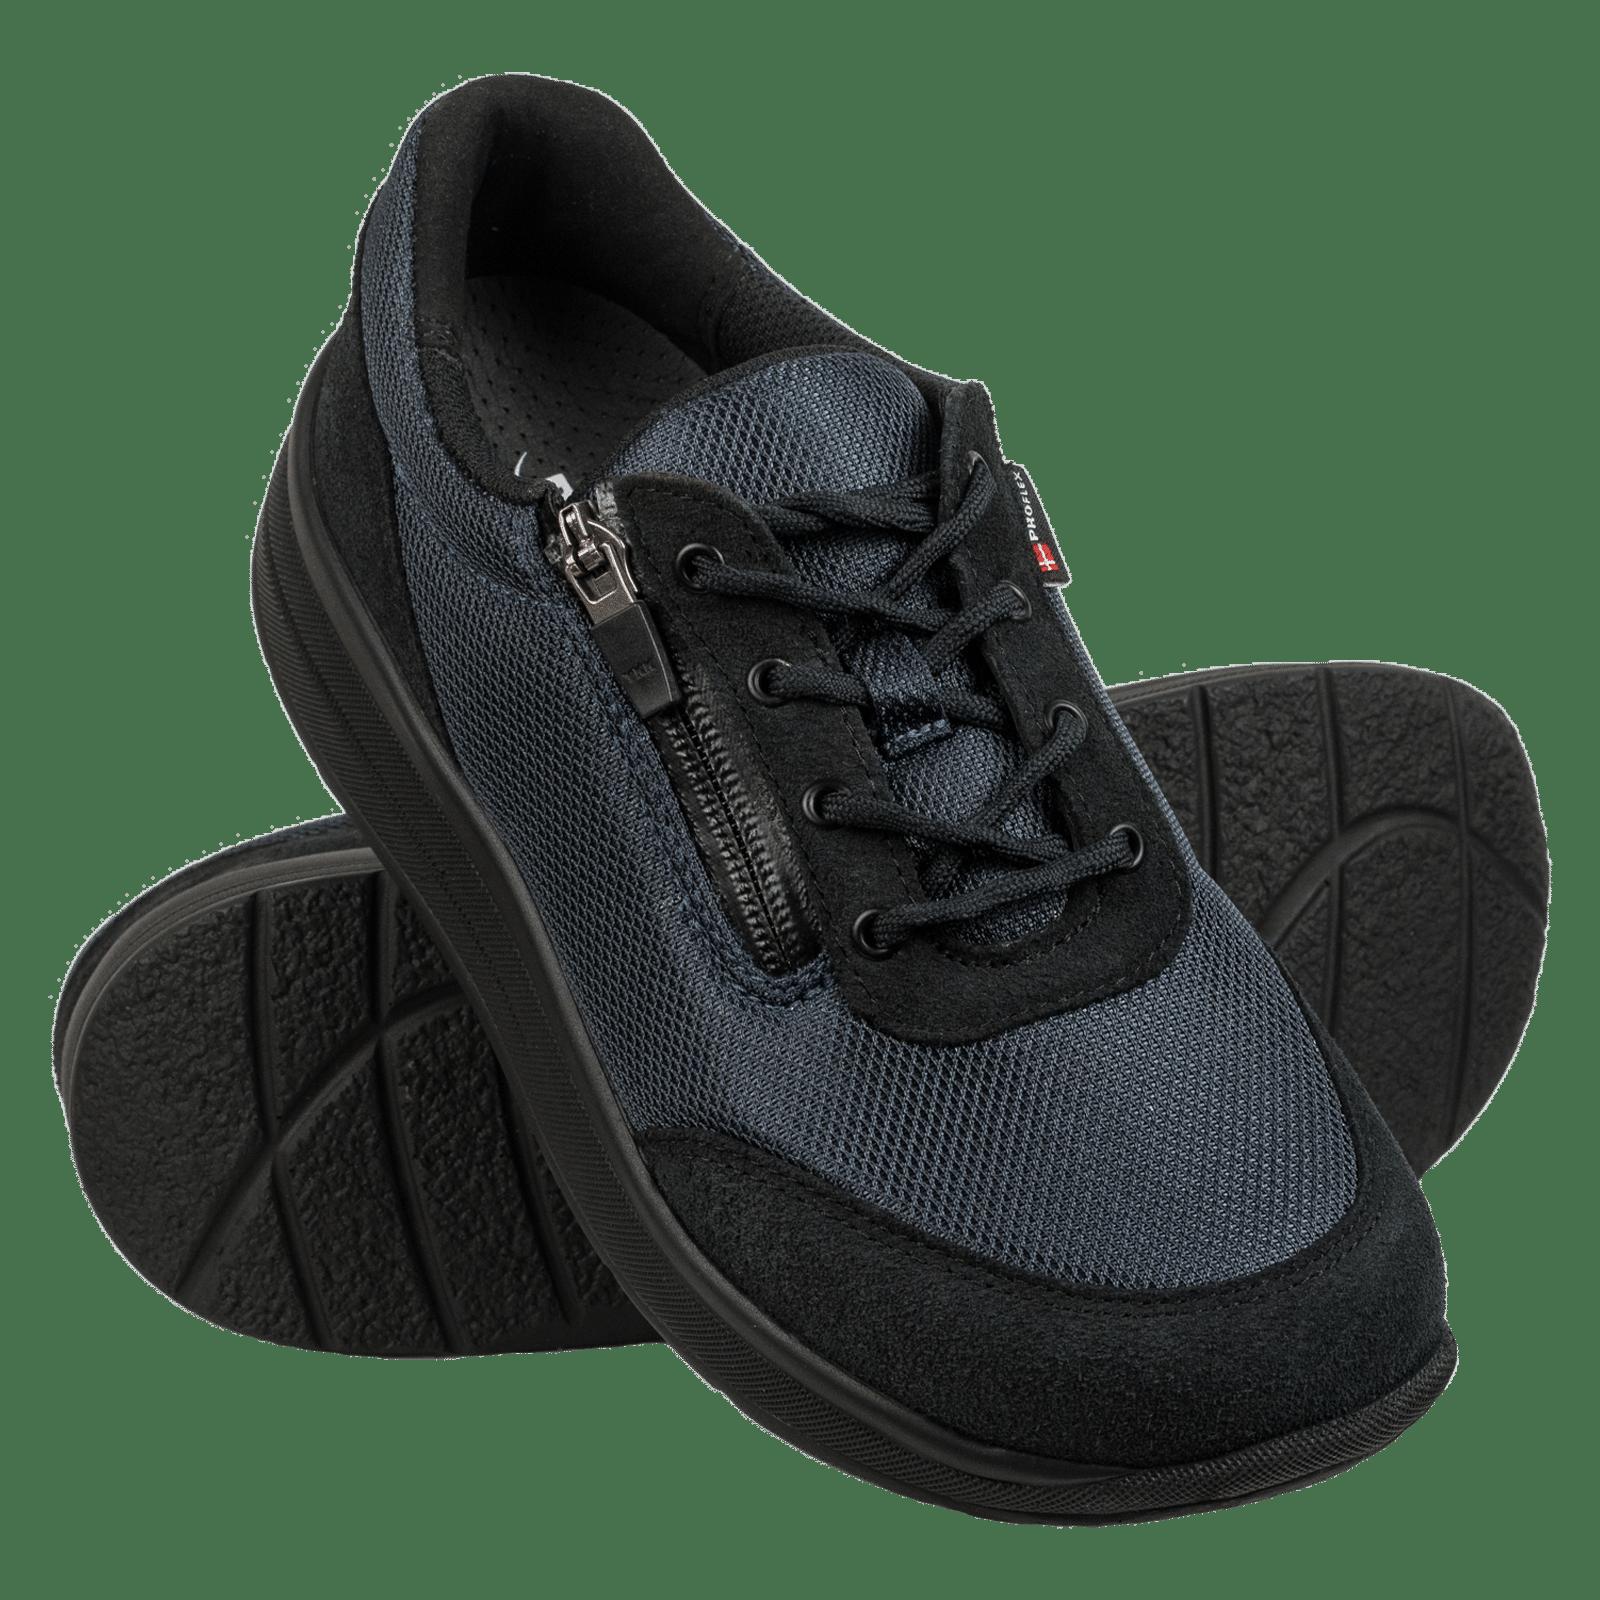 2603-008-0-pair